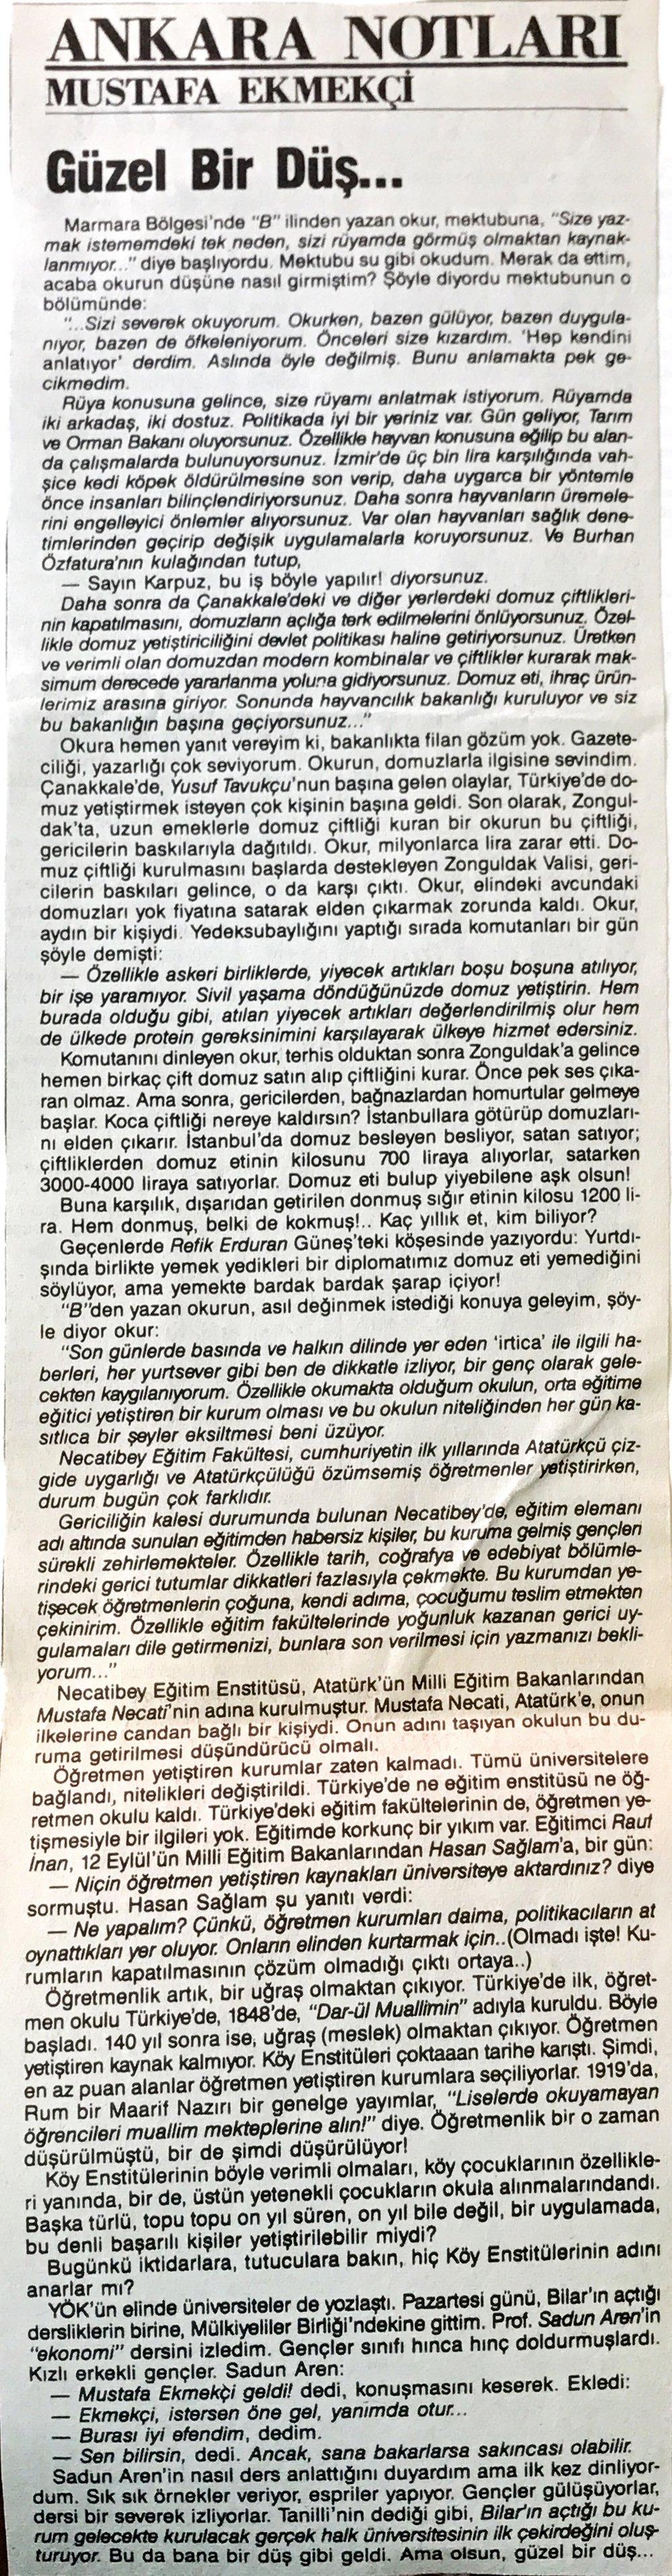 1987_cumhuriyet_mustafa-ekmekci-dersler.JPG